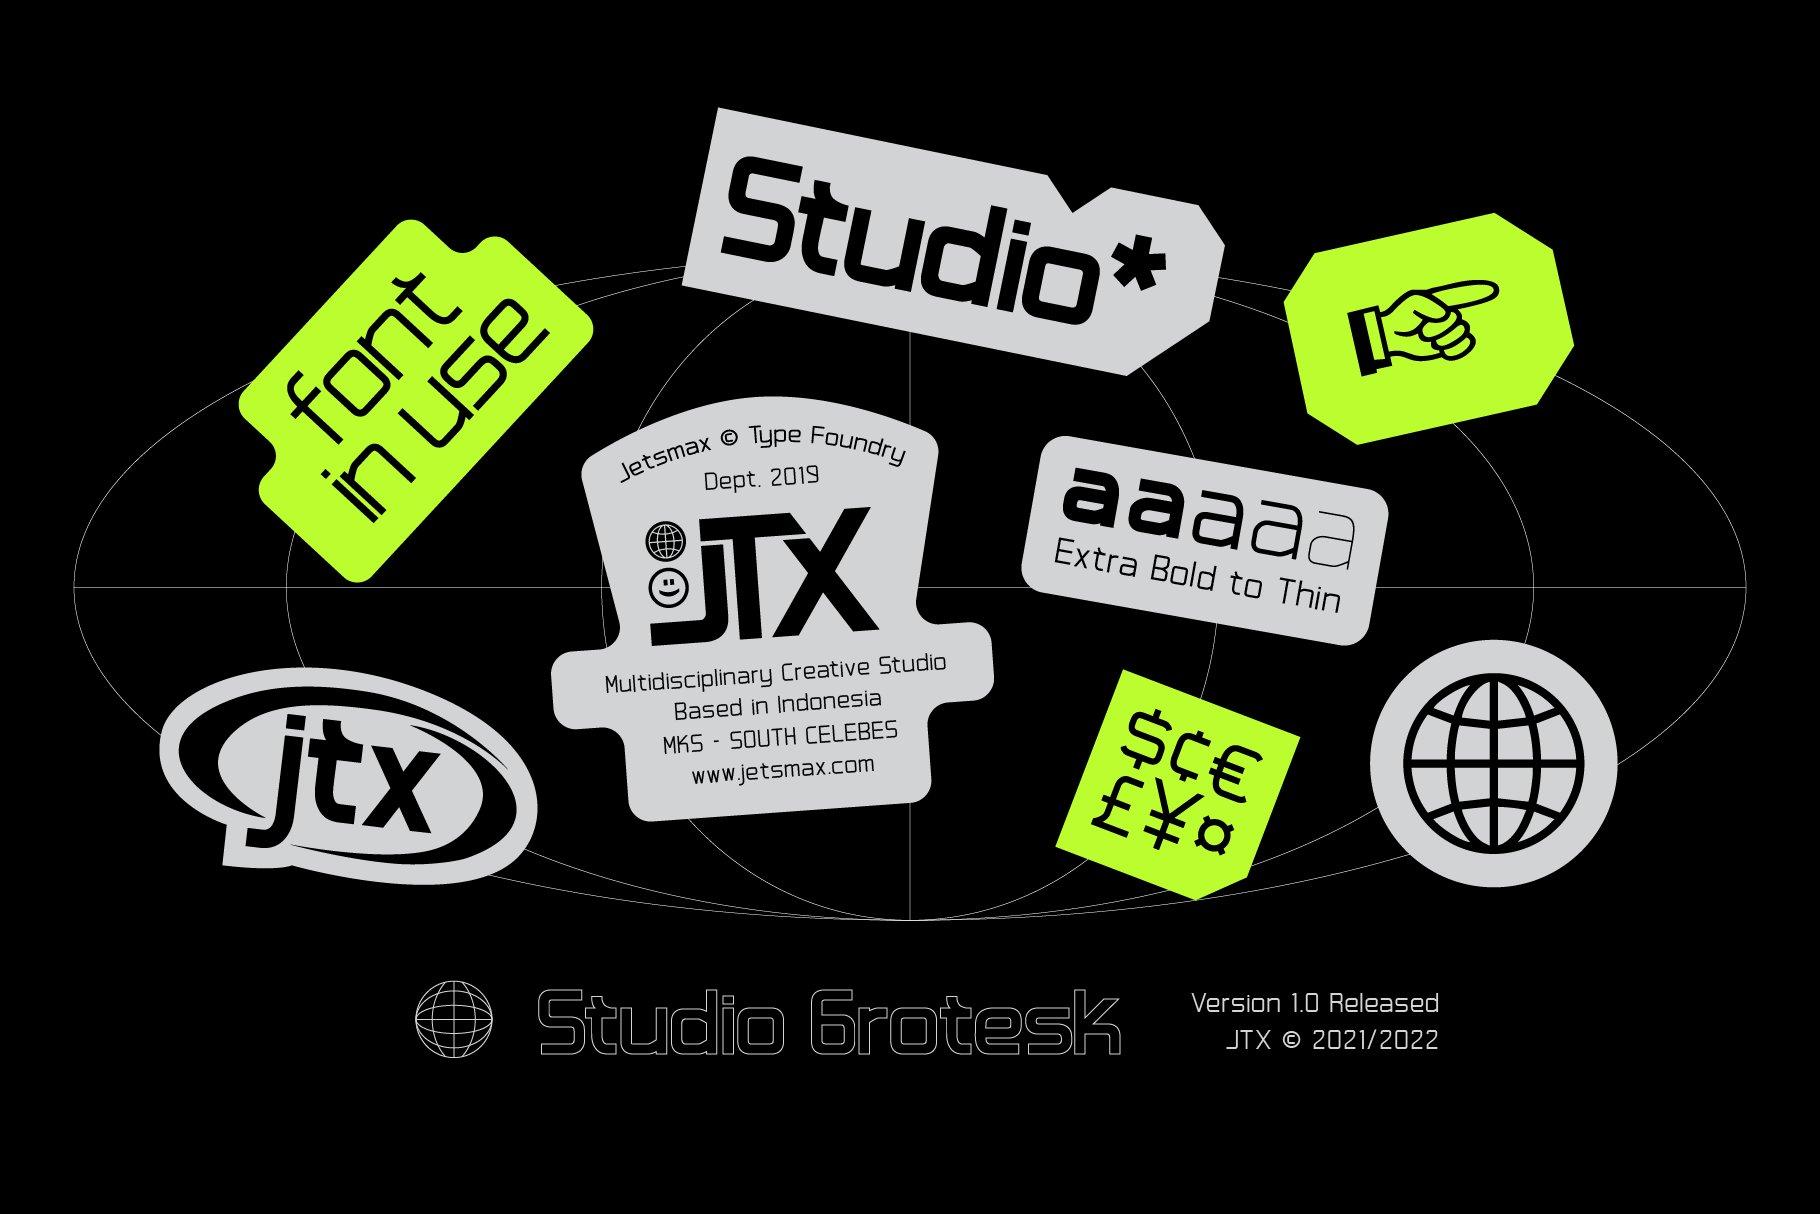 [单独购买] 潮流未来科技酸性艺术海报标题品牌Logo设计无衬线英文字体素材 Studio Grotesk Font插图8